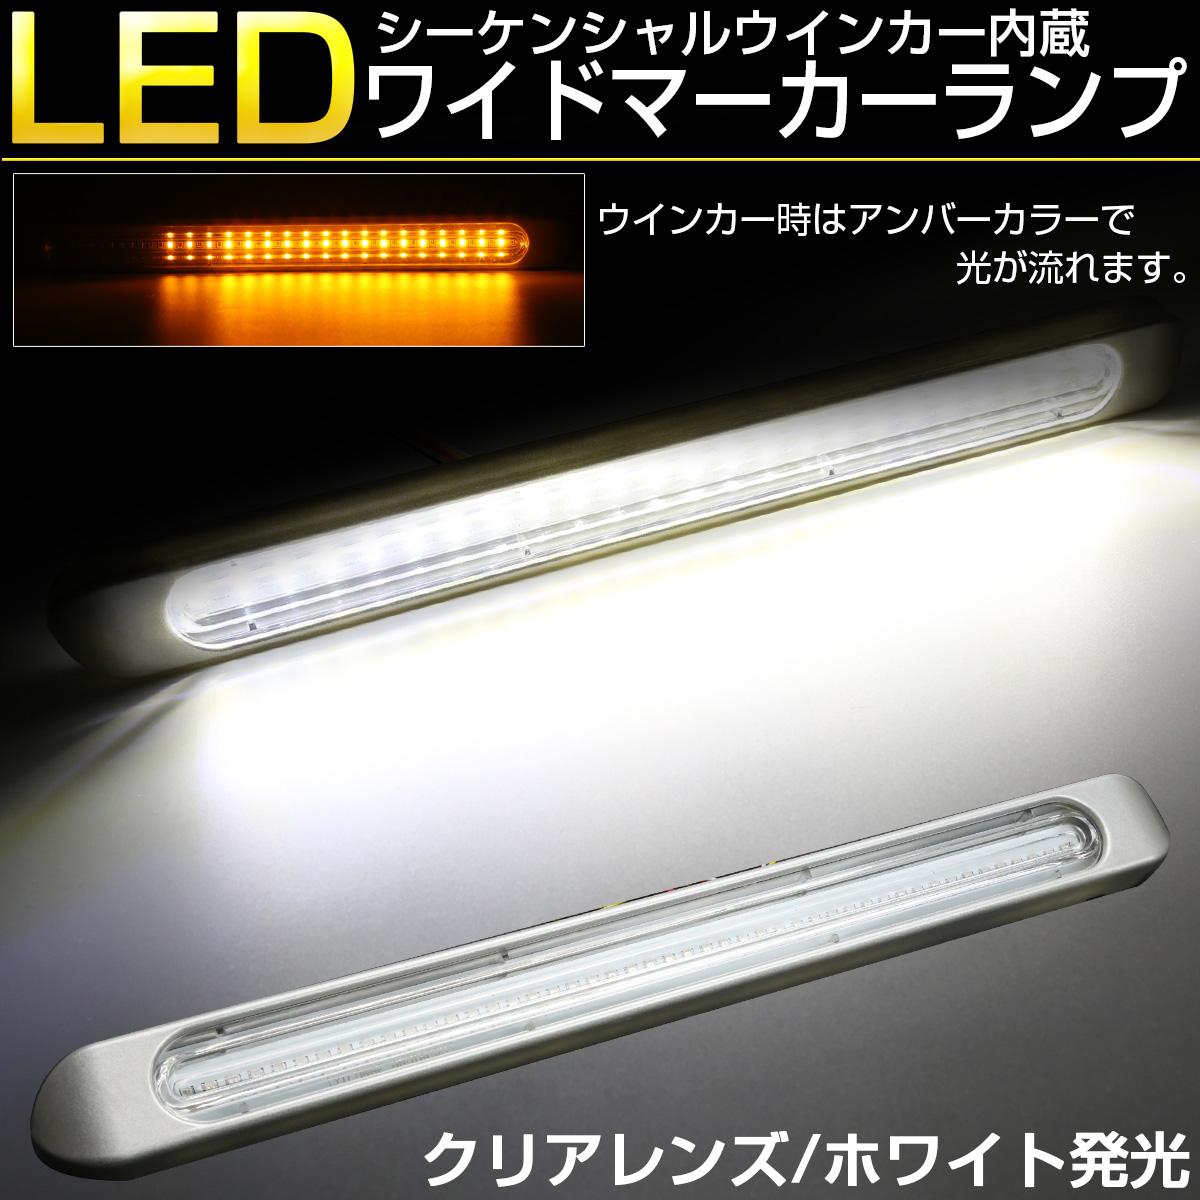 LED マーカーランプ クリアレンズ ホワイト発光 シーケンシャルウインカー 12V 24V兼用 防水 F-91